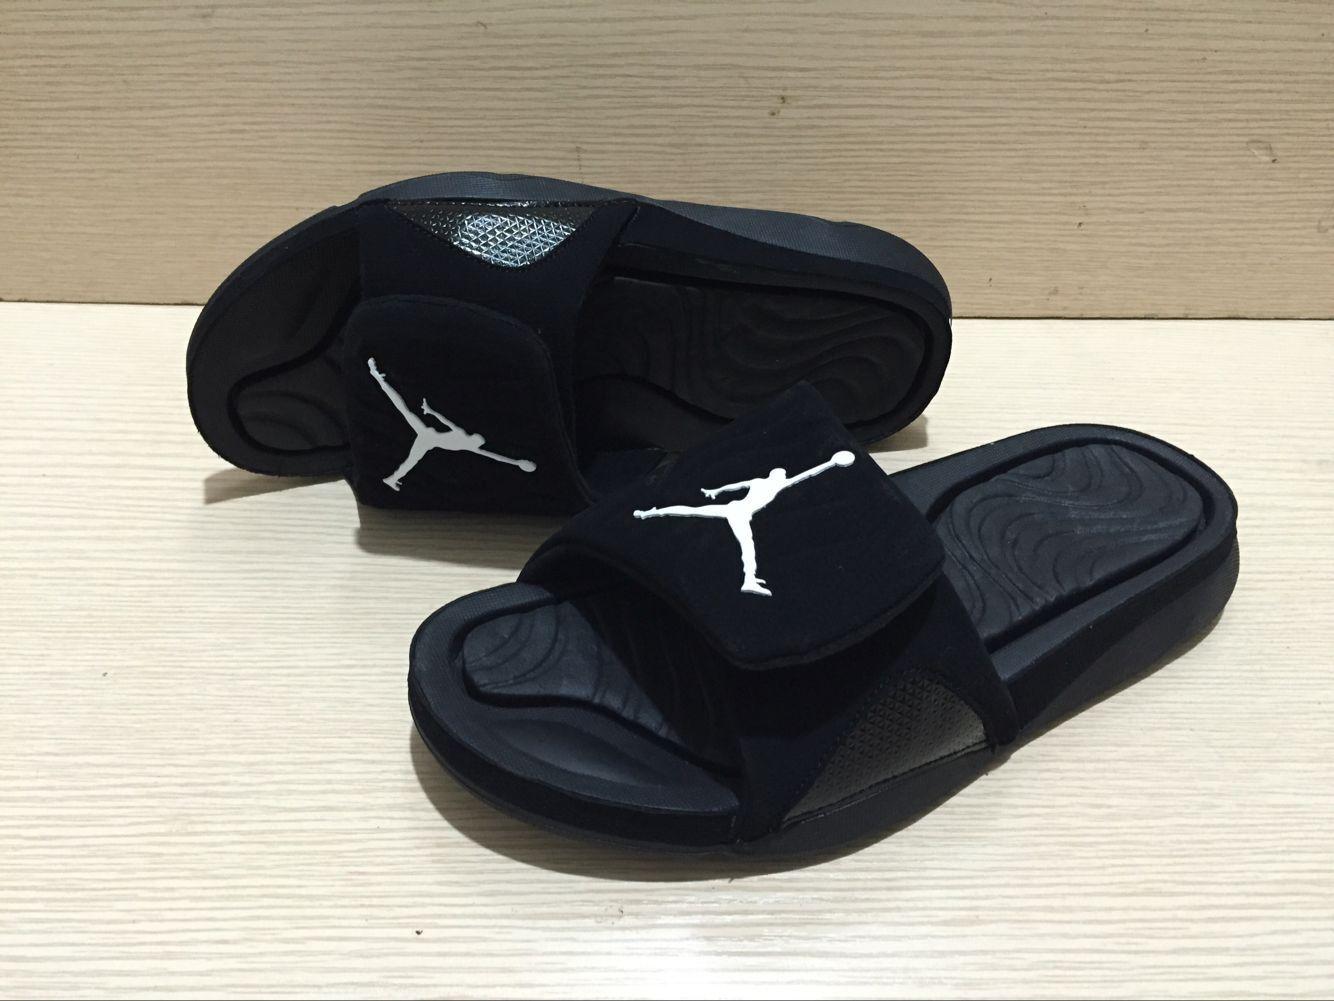 Muchacha de los deportes estrella de impresión Hydro 4 zapatillas de alta calidad BrandSlippers verano de las mujeres de goma sandalias de playa diapositiva de la manera desgastes YYC 20022708T